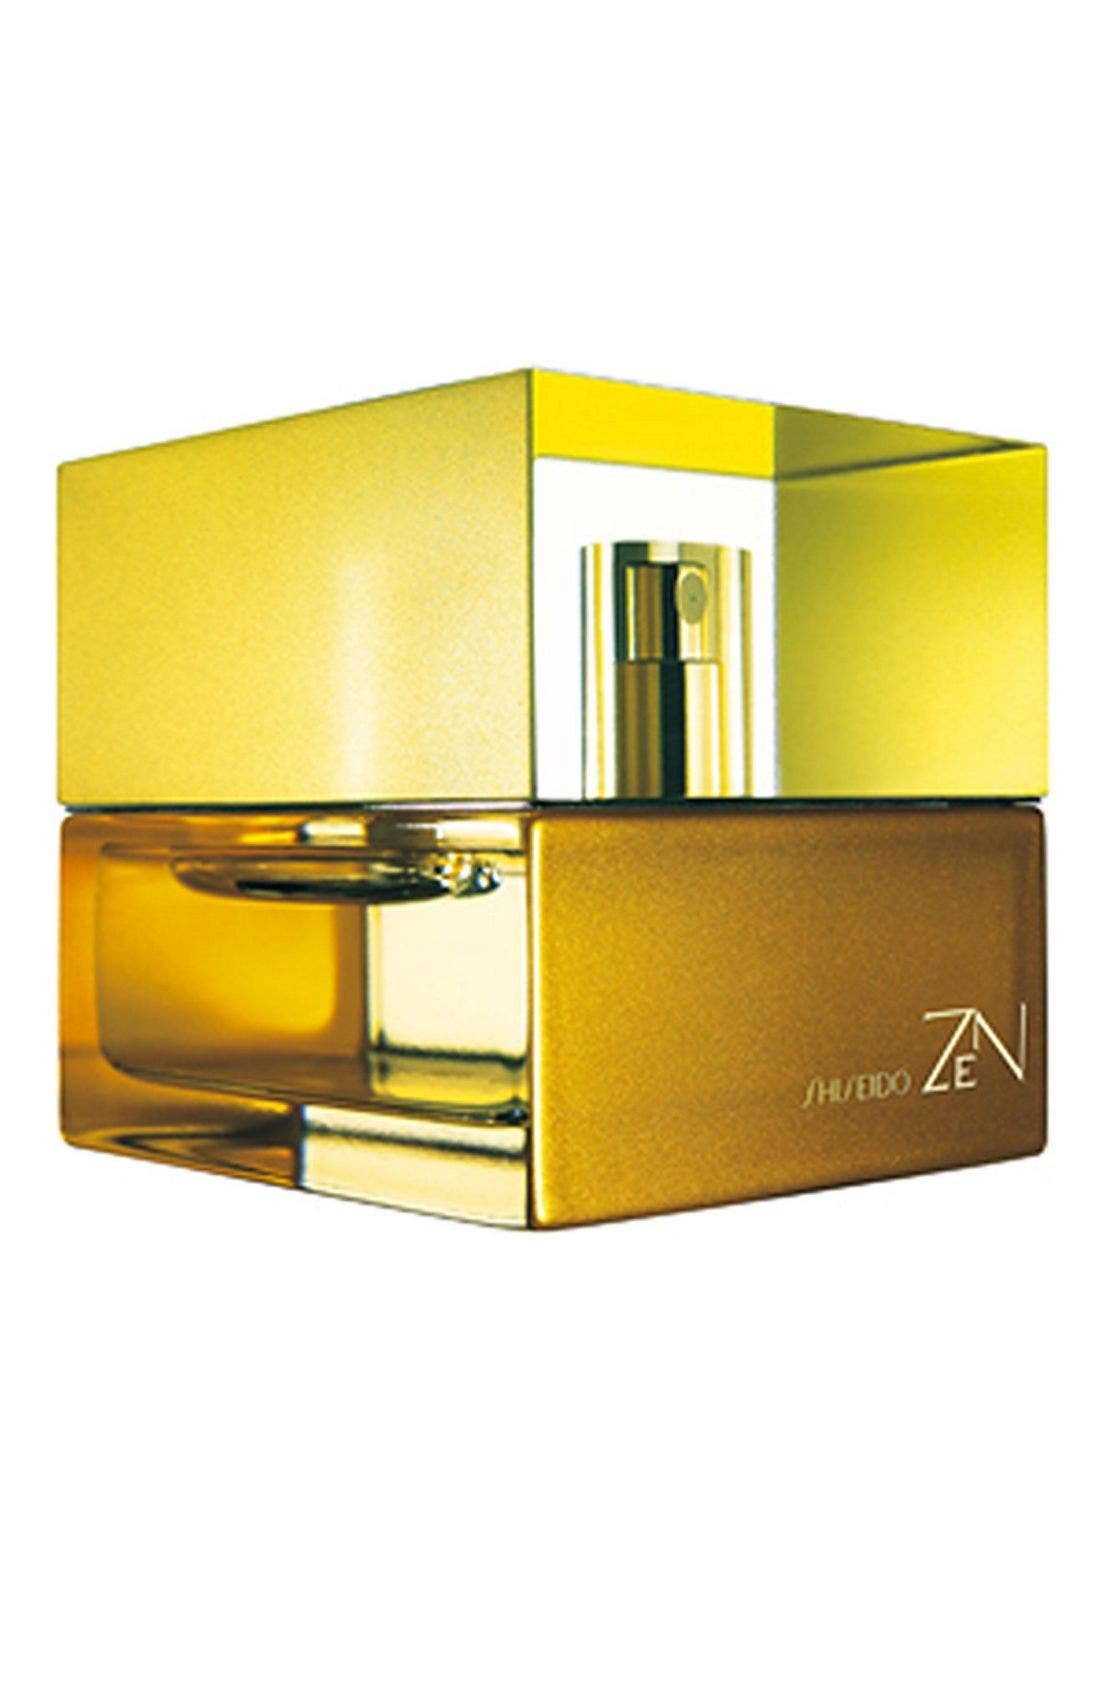 SHISEIDO,                             Zen Eau de Parfum,                             Main thumbnail 1, color,                             NO COLOR